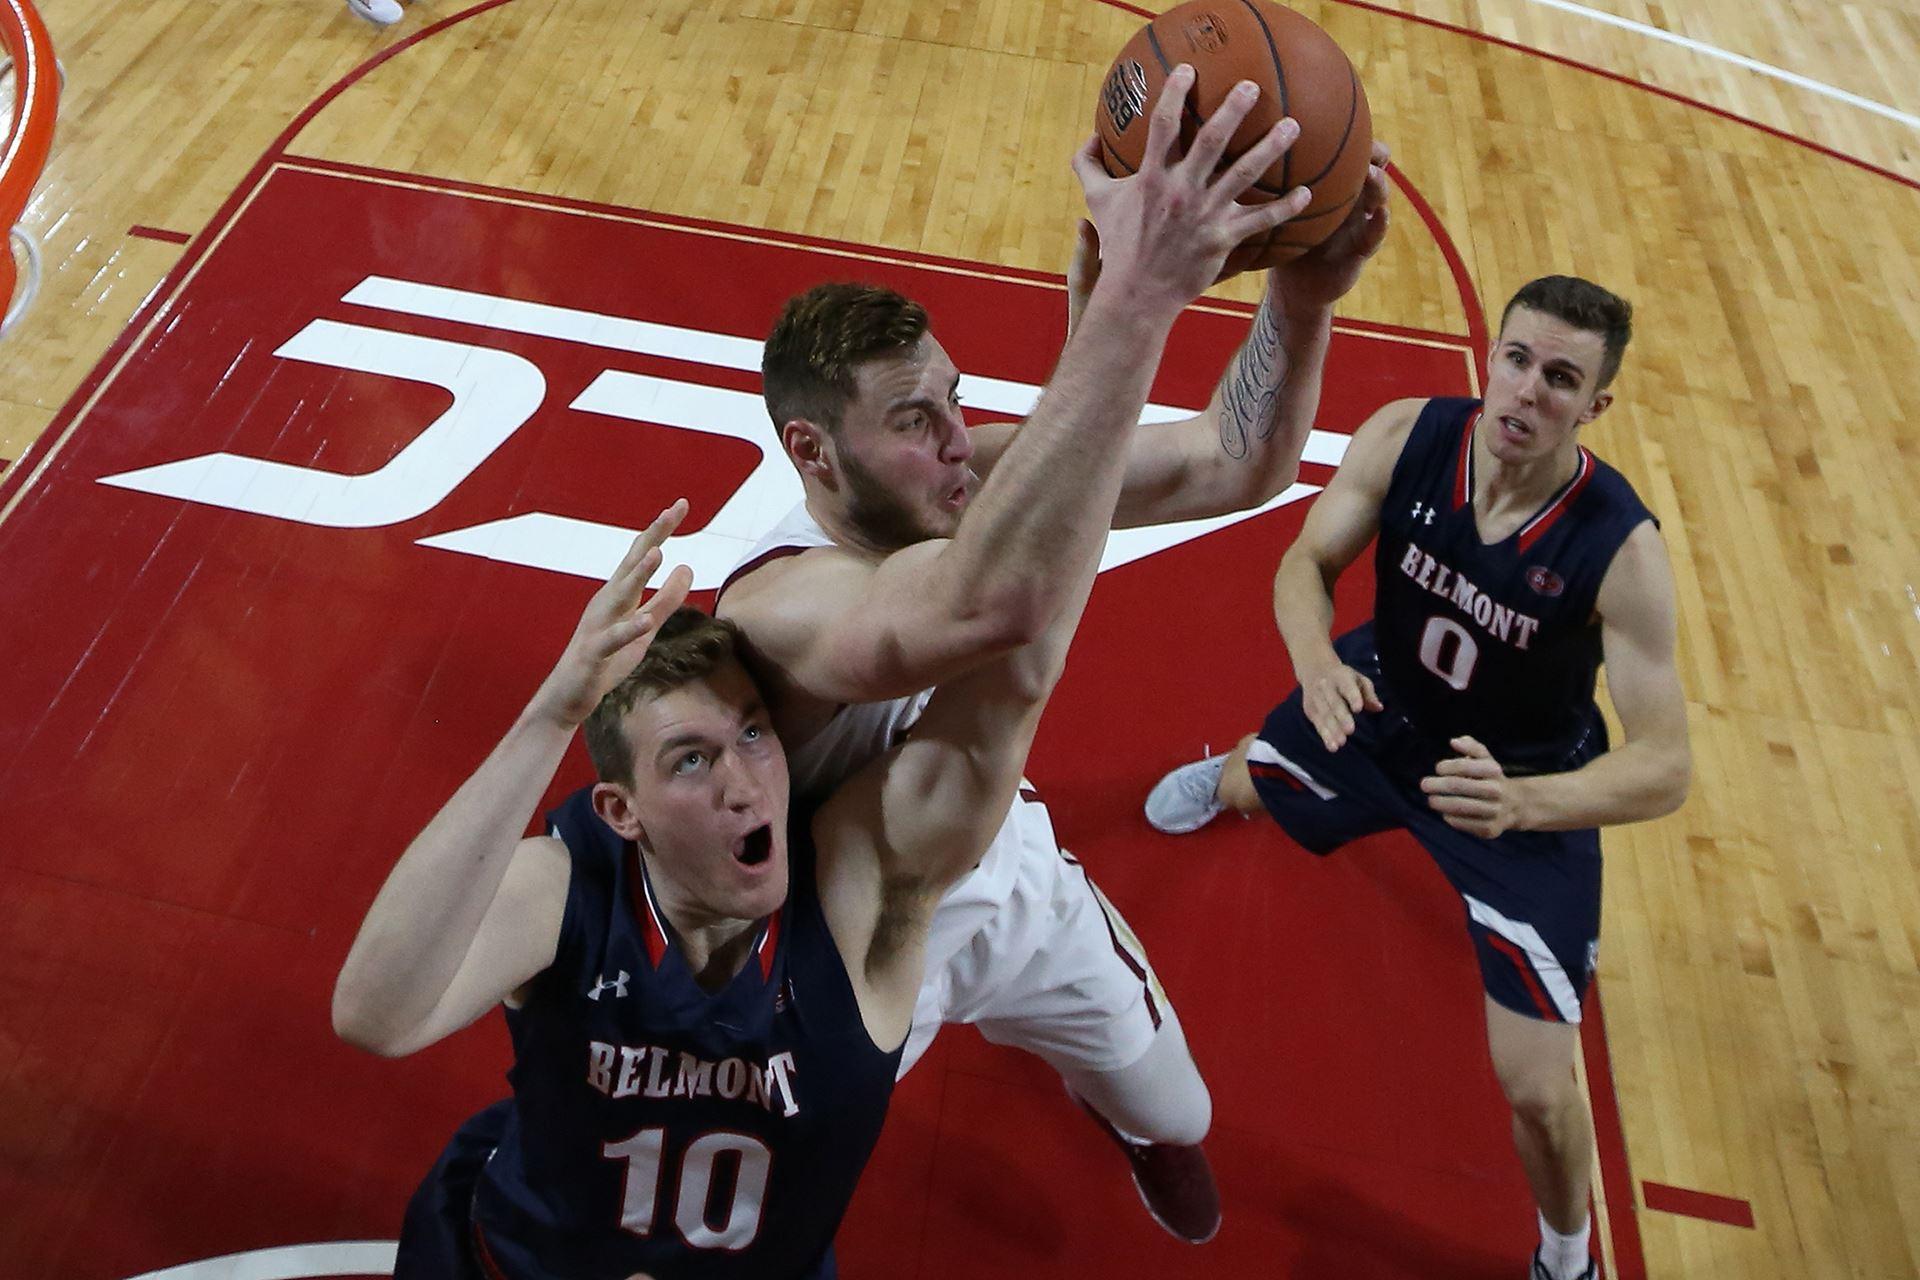 Boston College Eagles lose